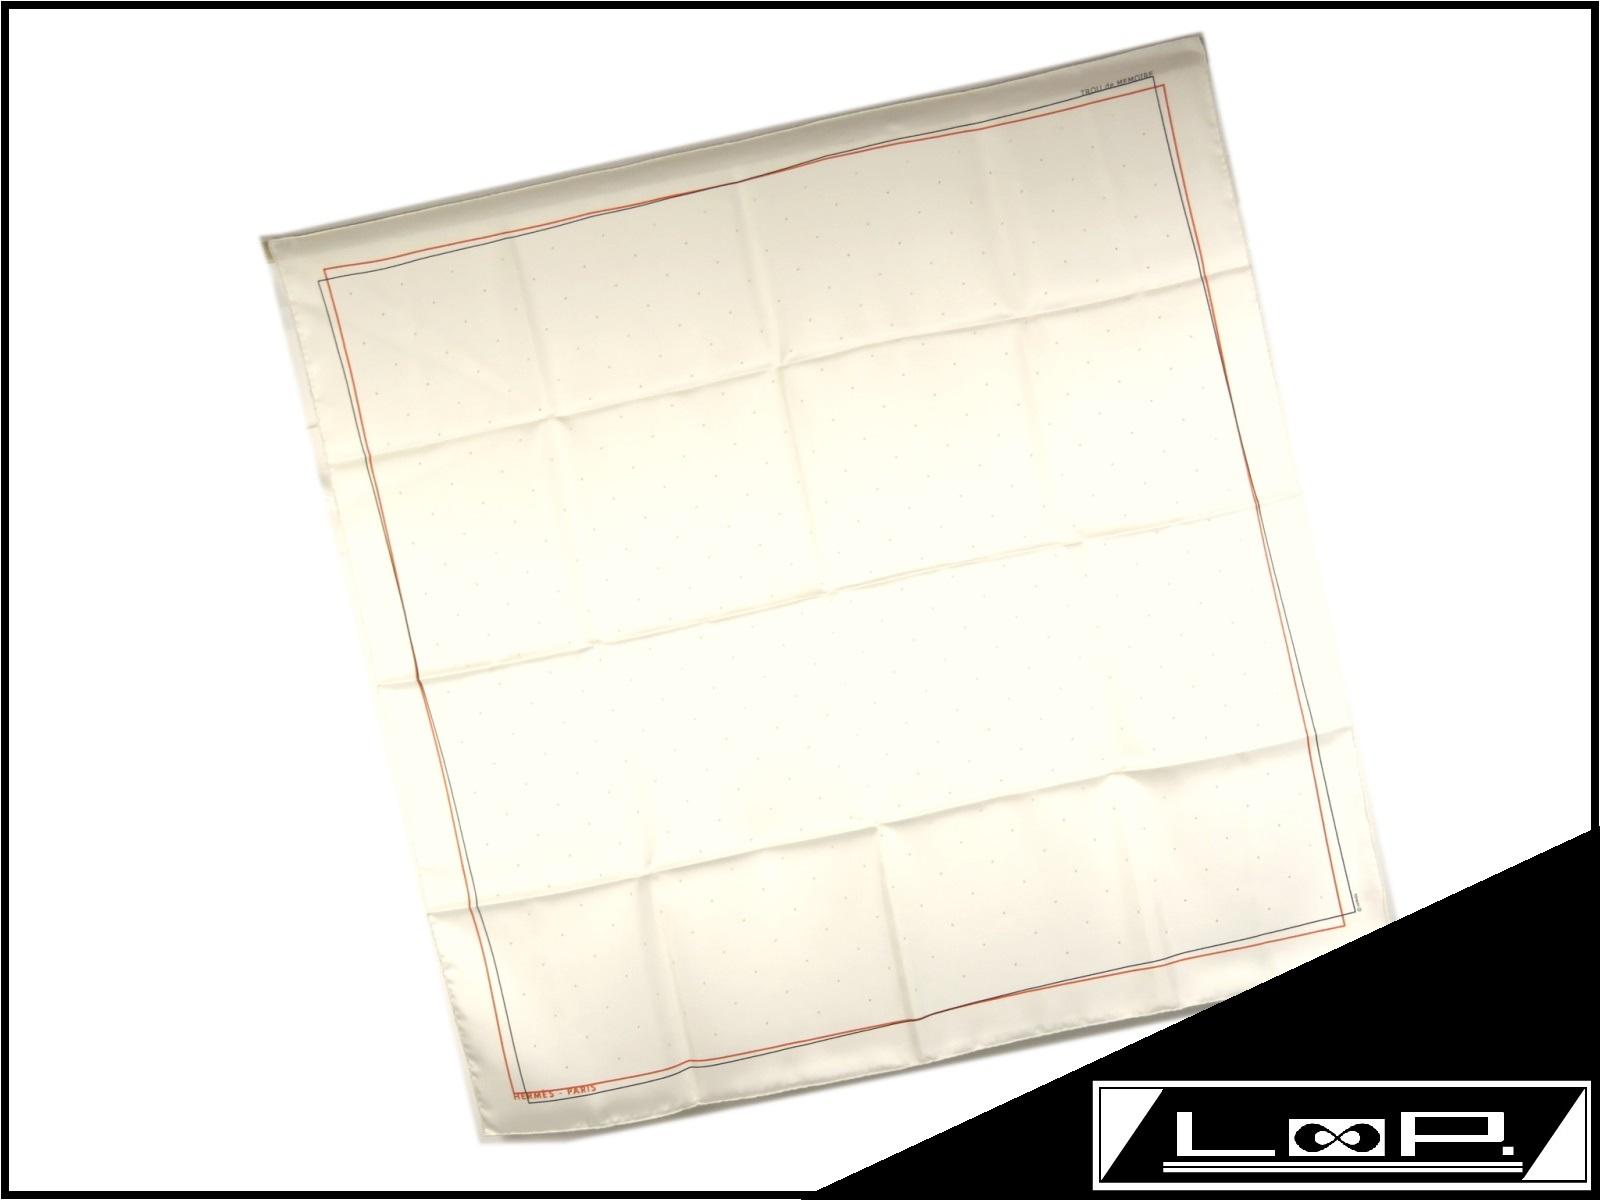 【新同】 HERMES エルメス カレ 90 TROU de MEMOIRE スカーフ パンチング シルク オフ ホワイト 白 クリーム 【A21383】 【中古】